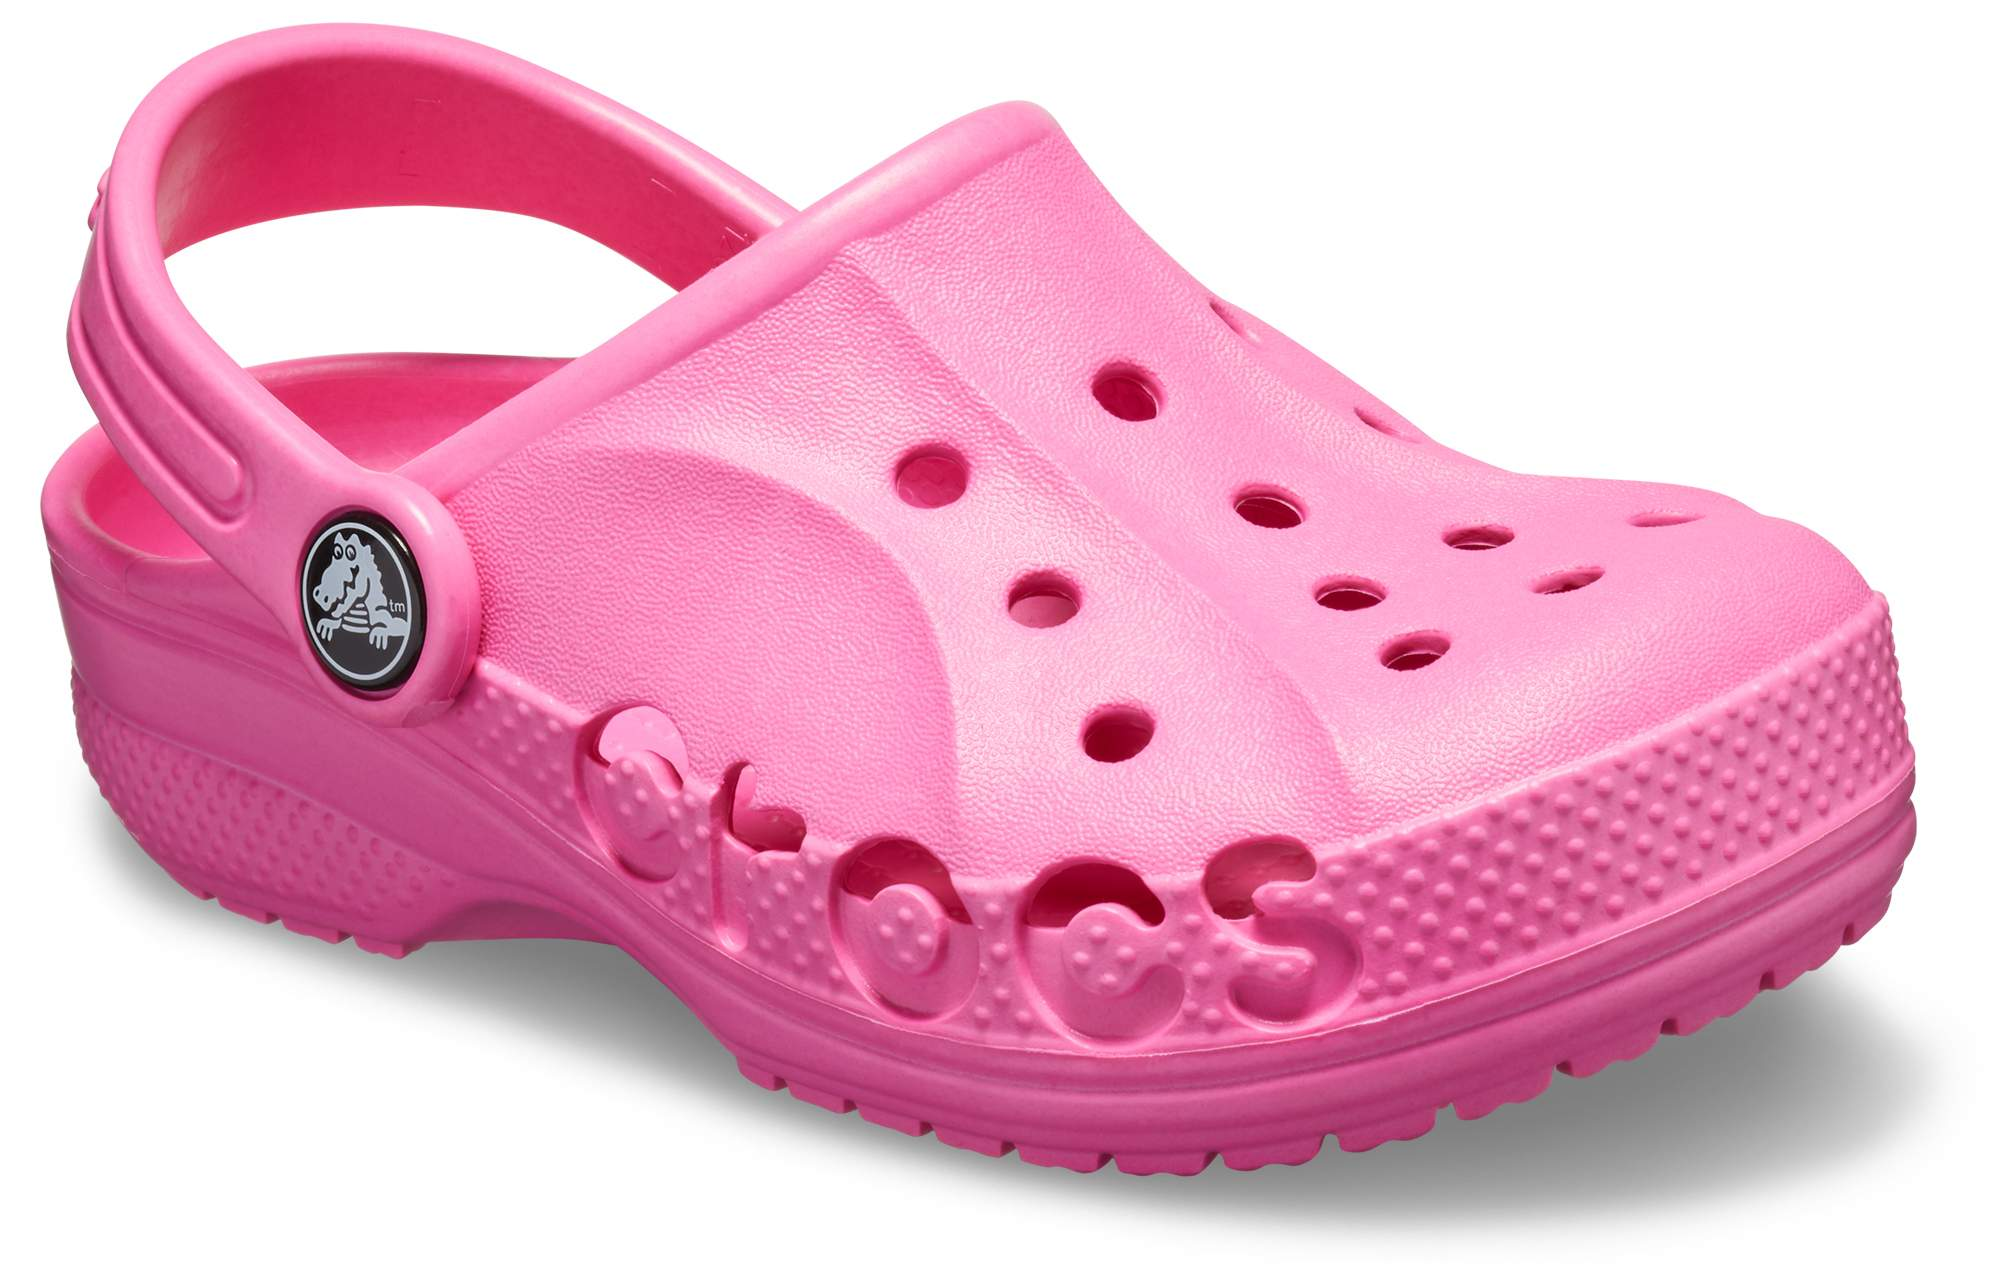 Crocs Unisex-Baby Baya Clog Clog